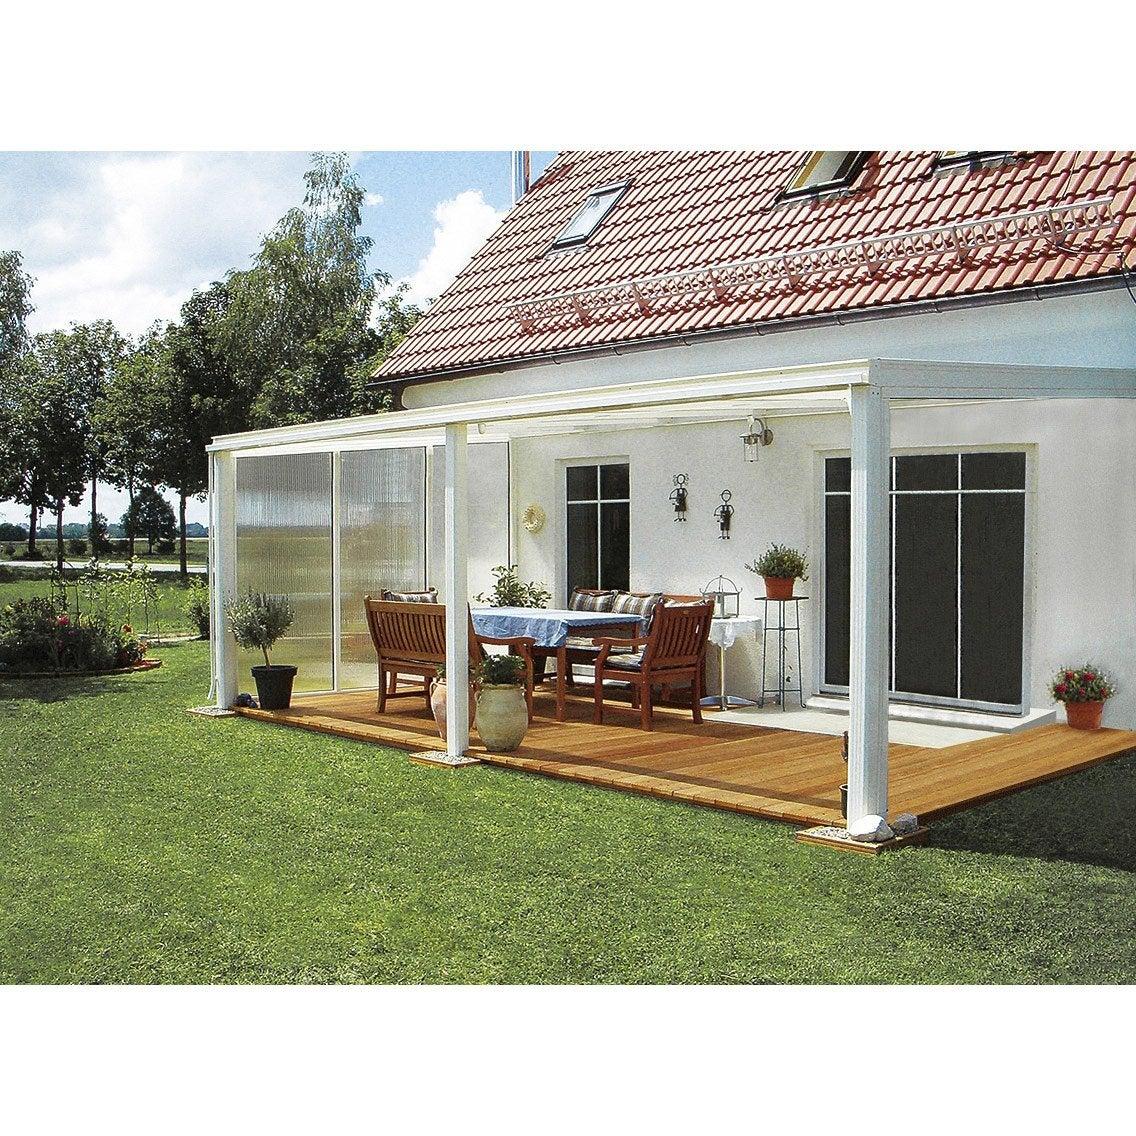 Paroi fixe avec fixations pour toit de terrasse tdkw tdow ideanature ler - Passe paroi leroy merlin ...